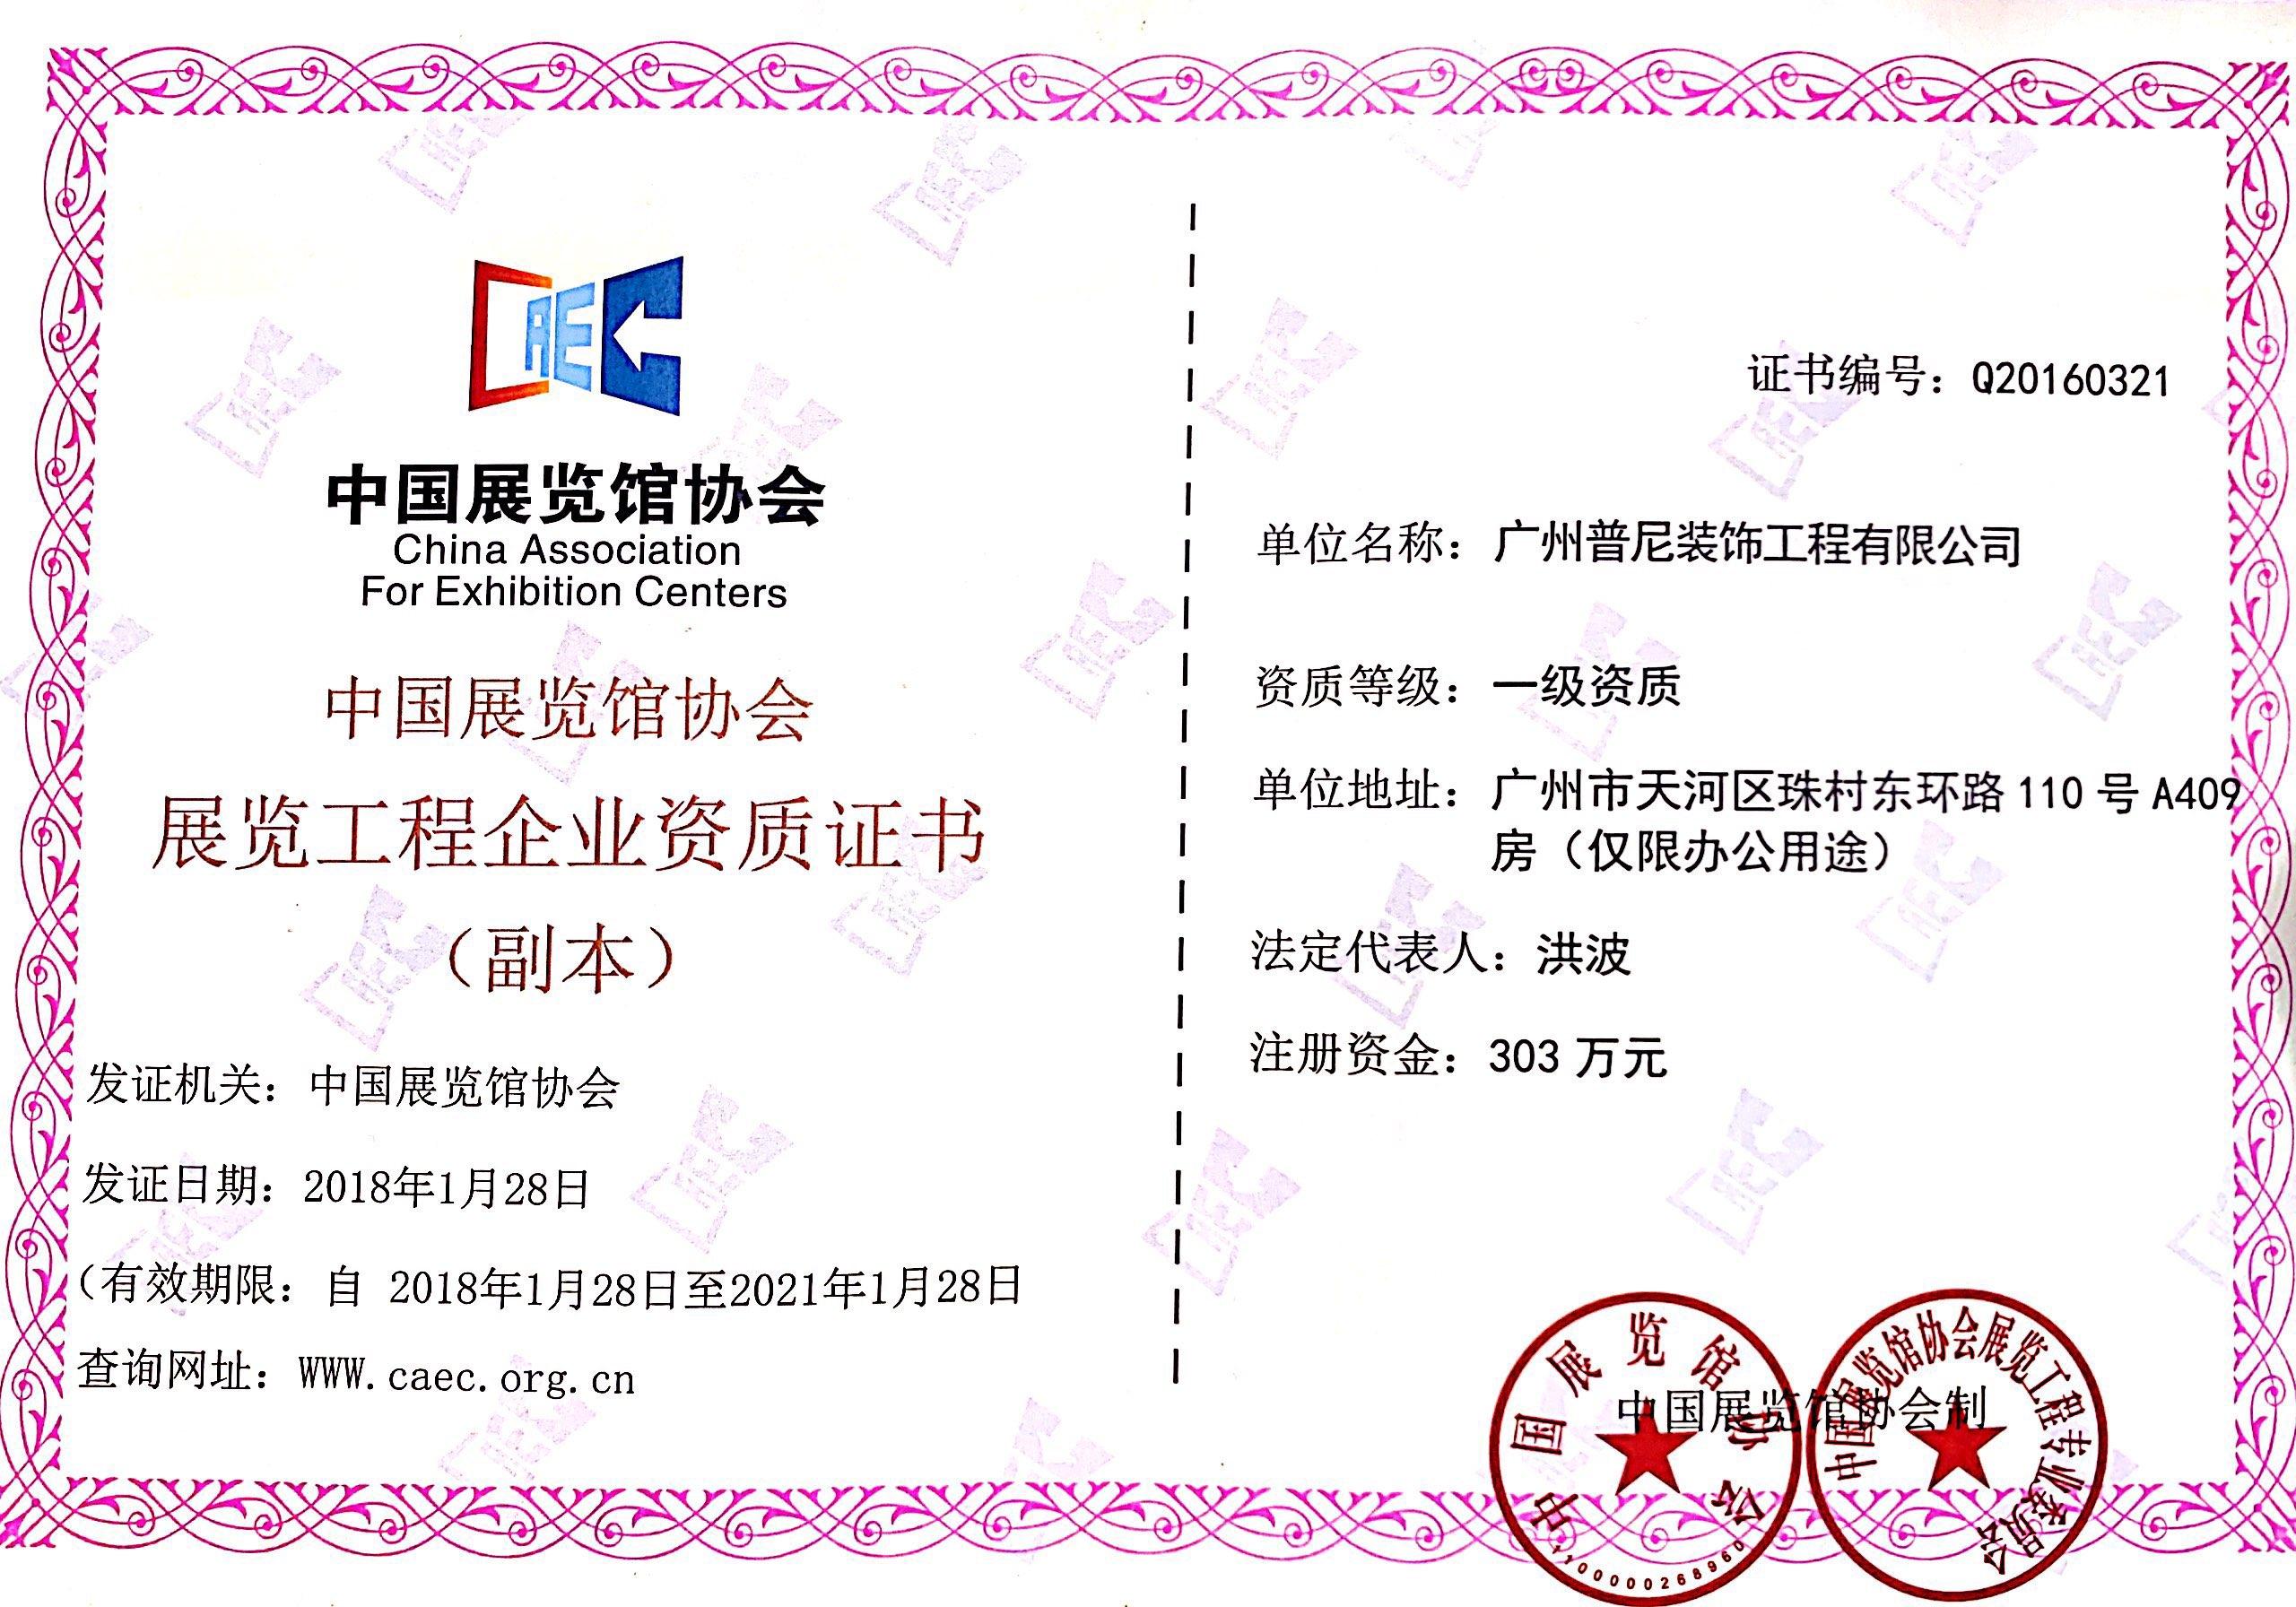 中国展览馆协会展览工程资质企业